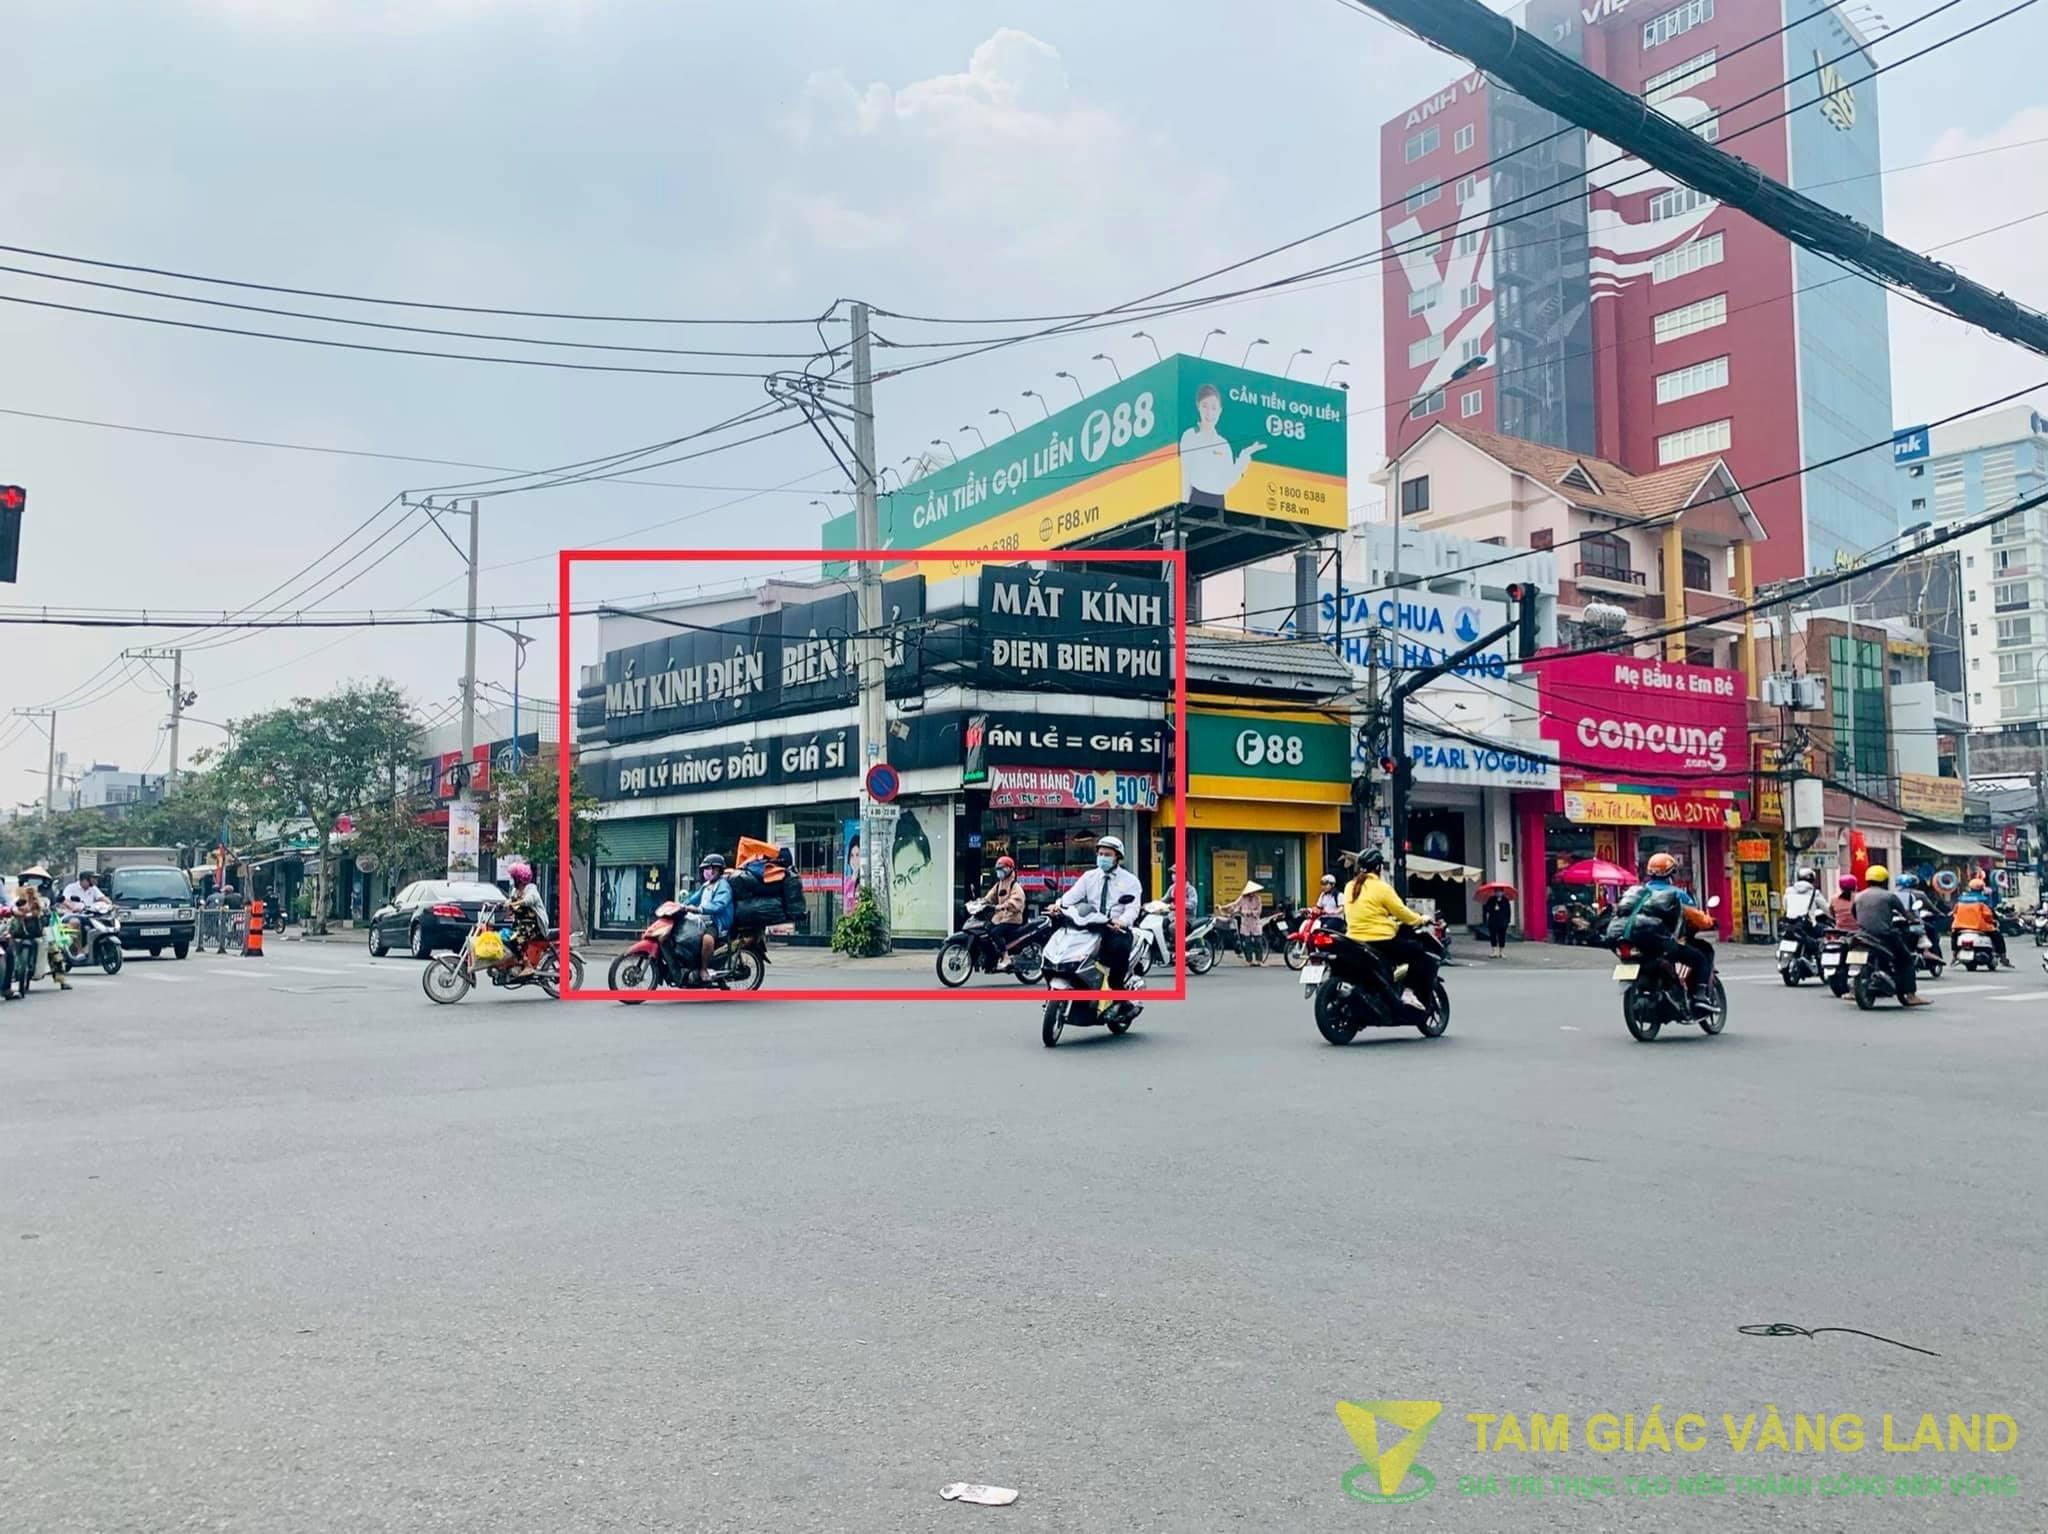 Cho thuê nhà mặt tiền đường Hòa Bình, Phường Hiệp Tân, Quận Tân Phú, DT 4.5x16m, 1 trệt 1 lầu, Giá 90 triệu/tháng